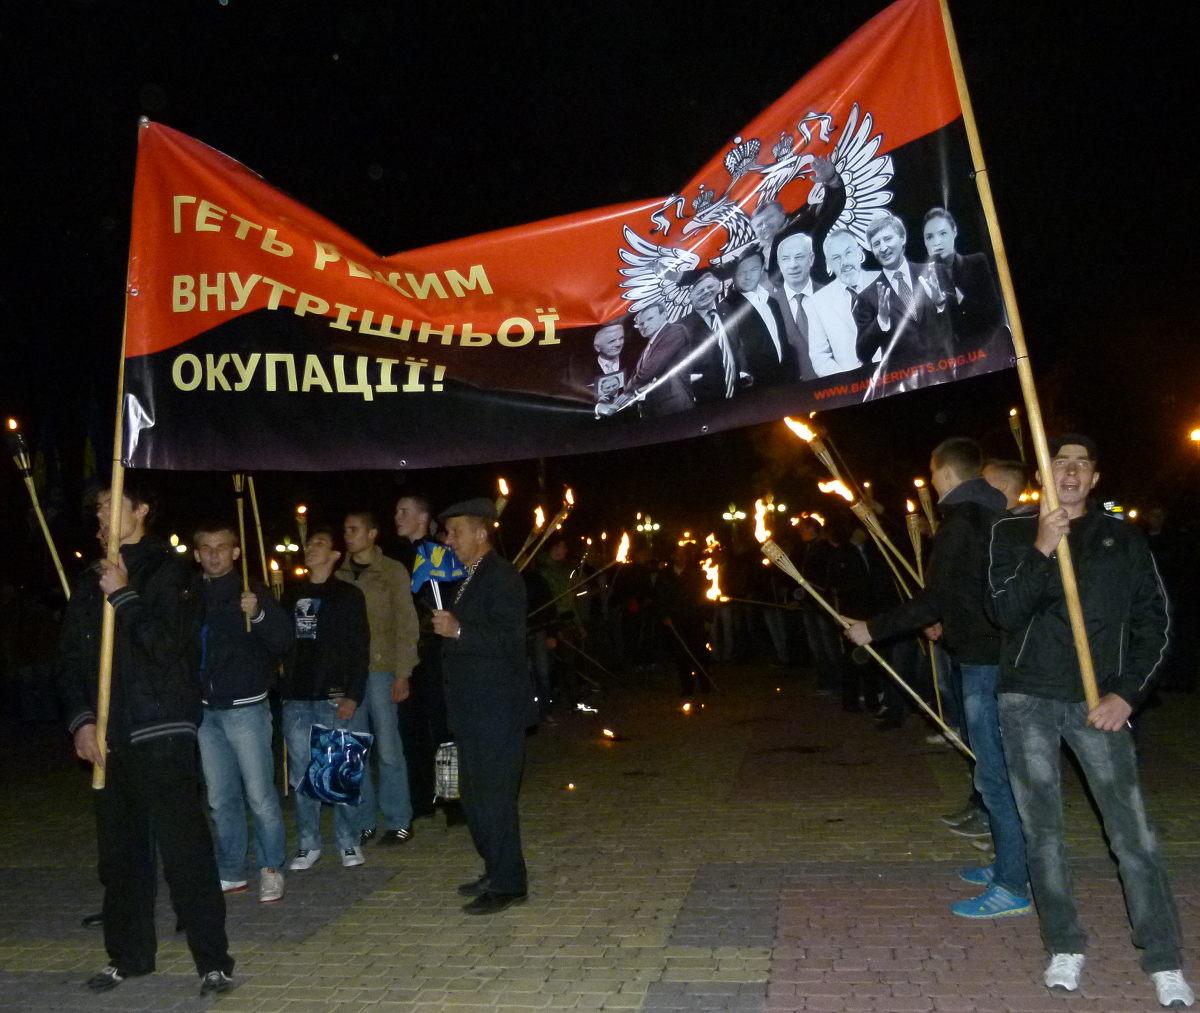 Marsz z pochodniami na rozpoczęcie wiecu partii Swoboda